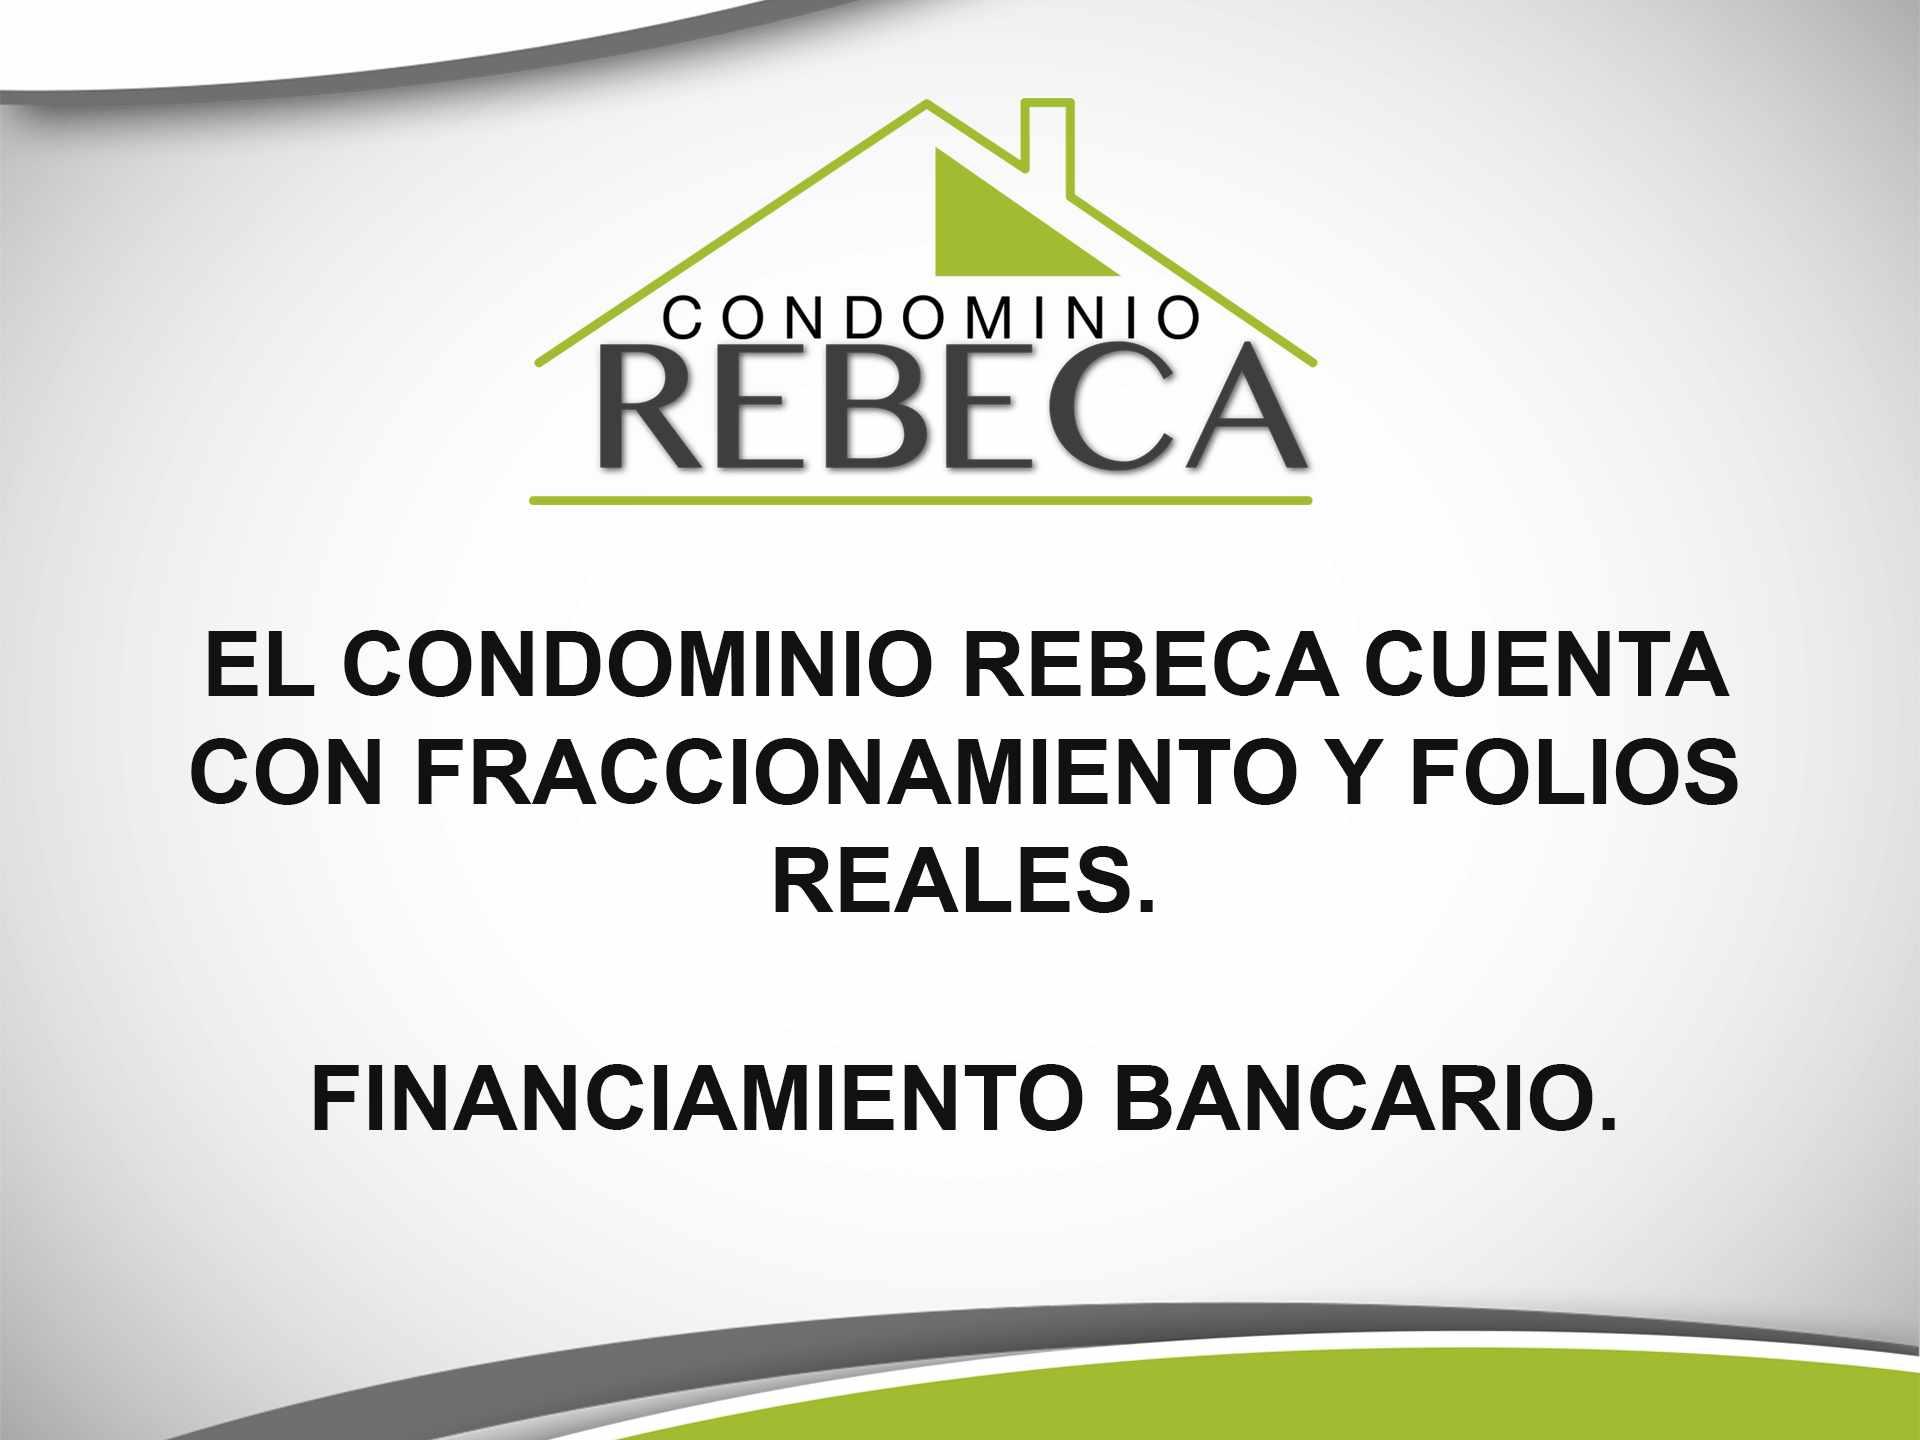 Condominio Rebeca